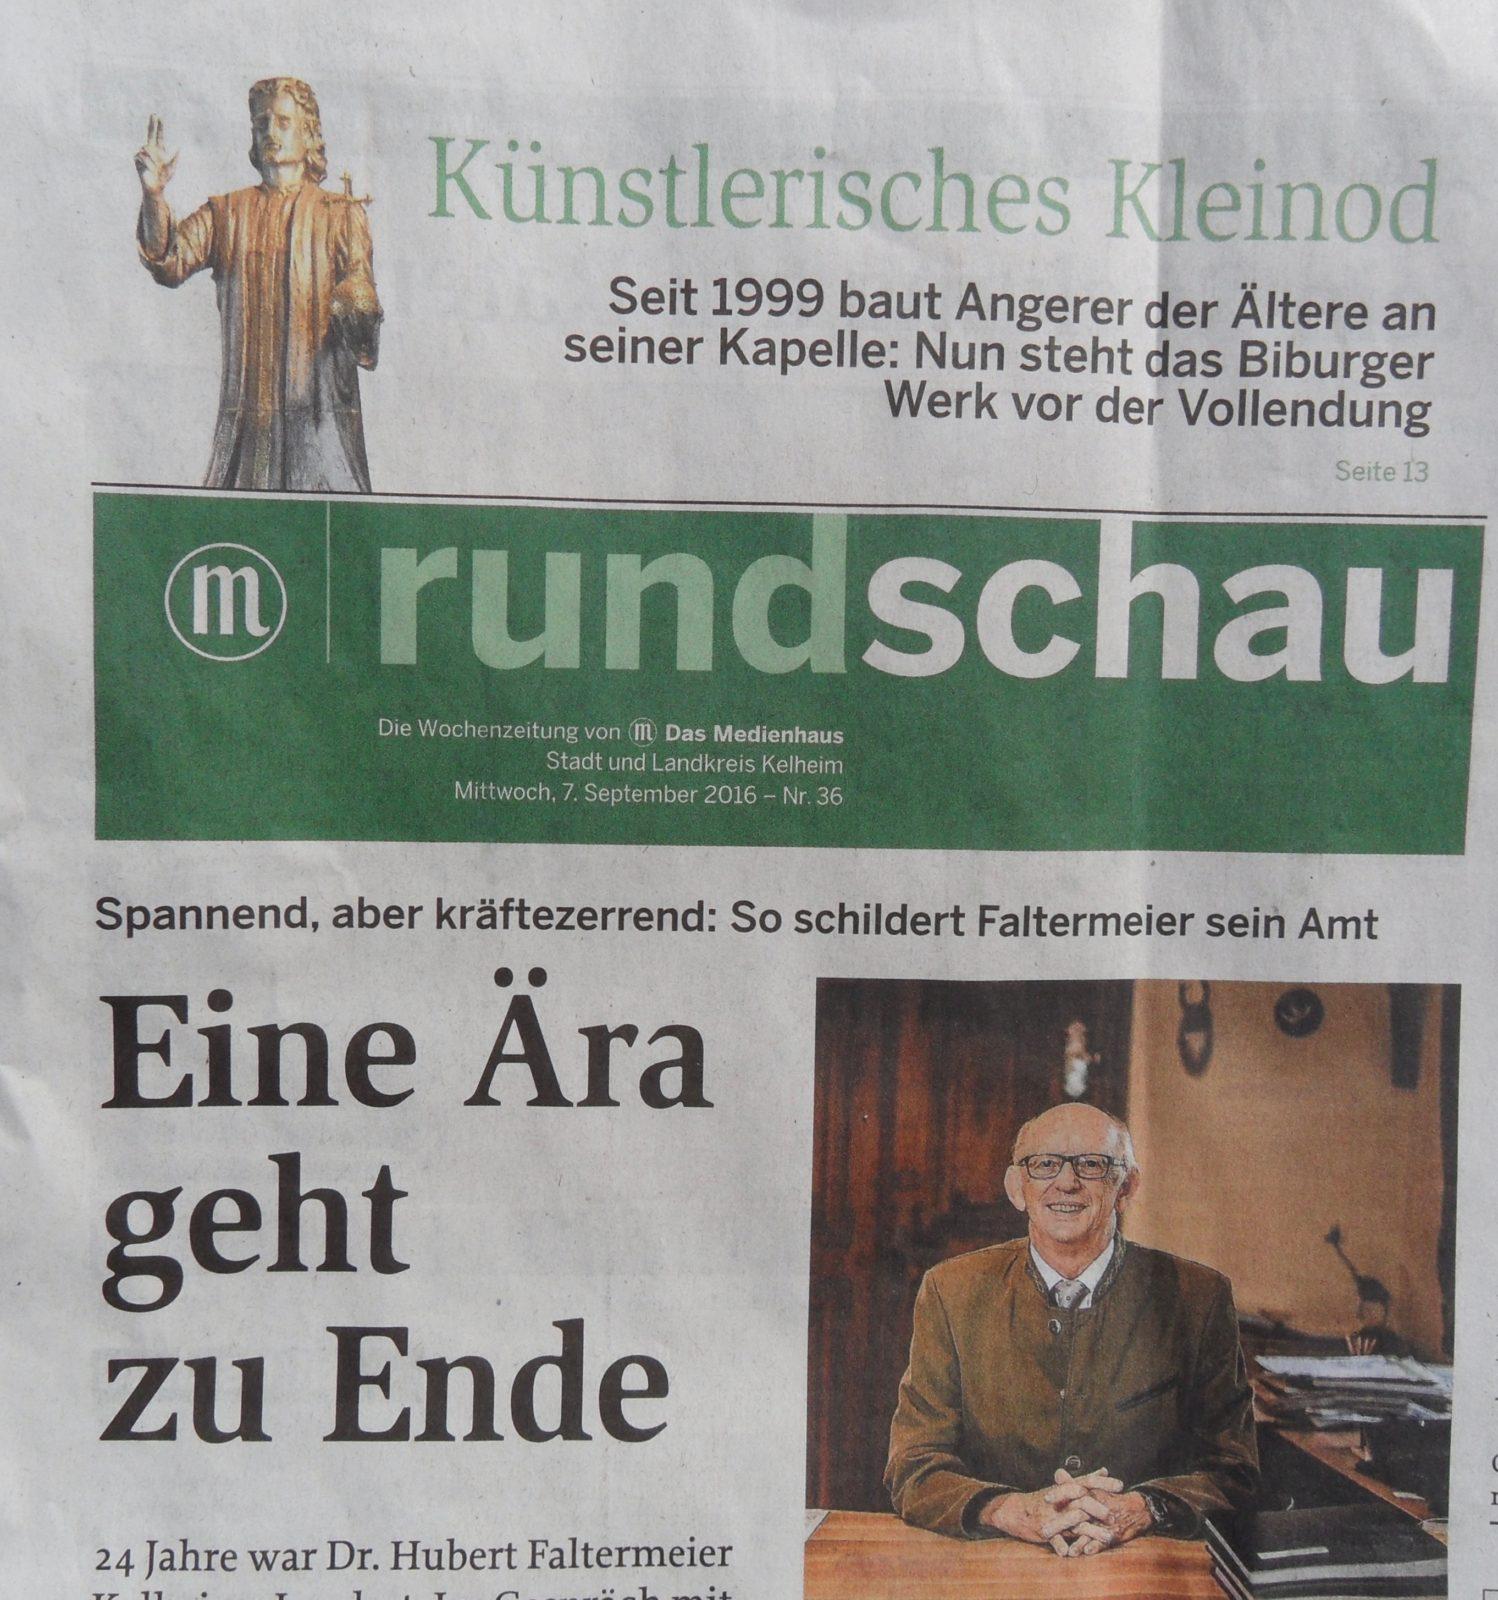 Rundschau_Erloeserk_7.9.16_1